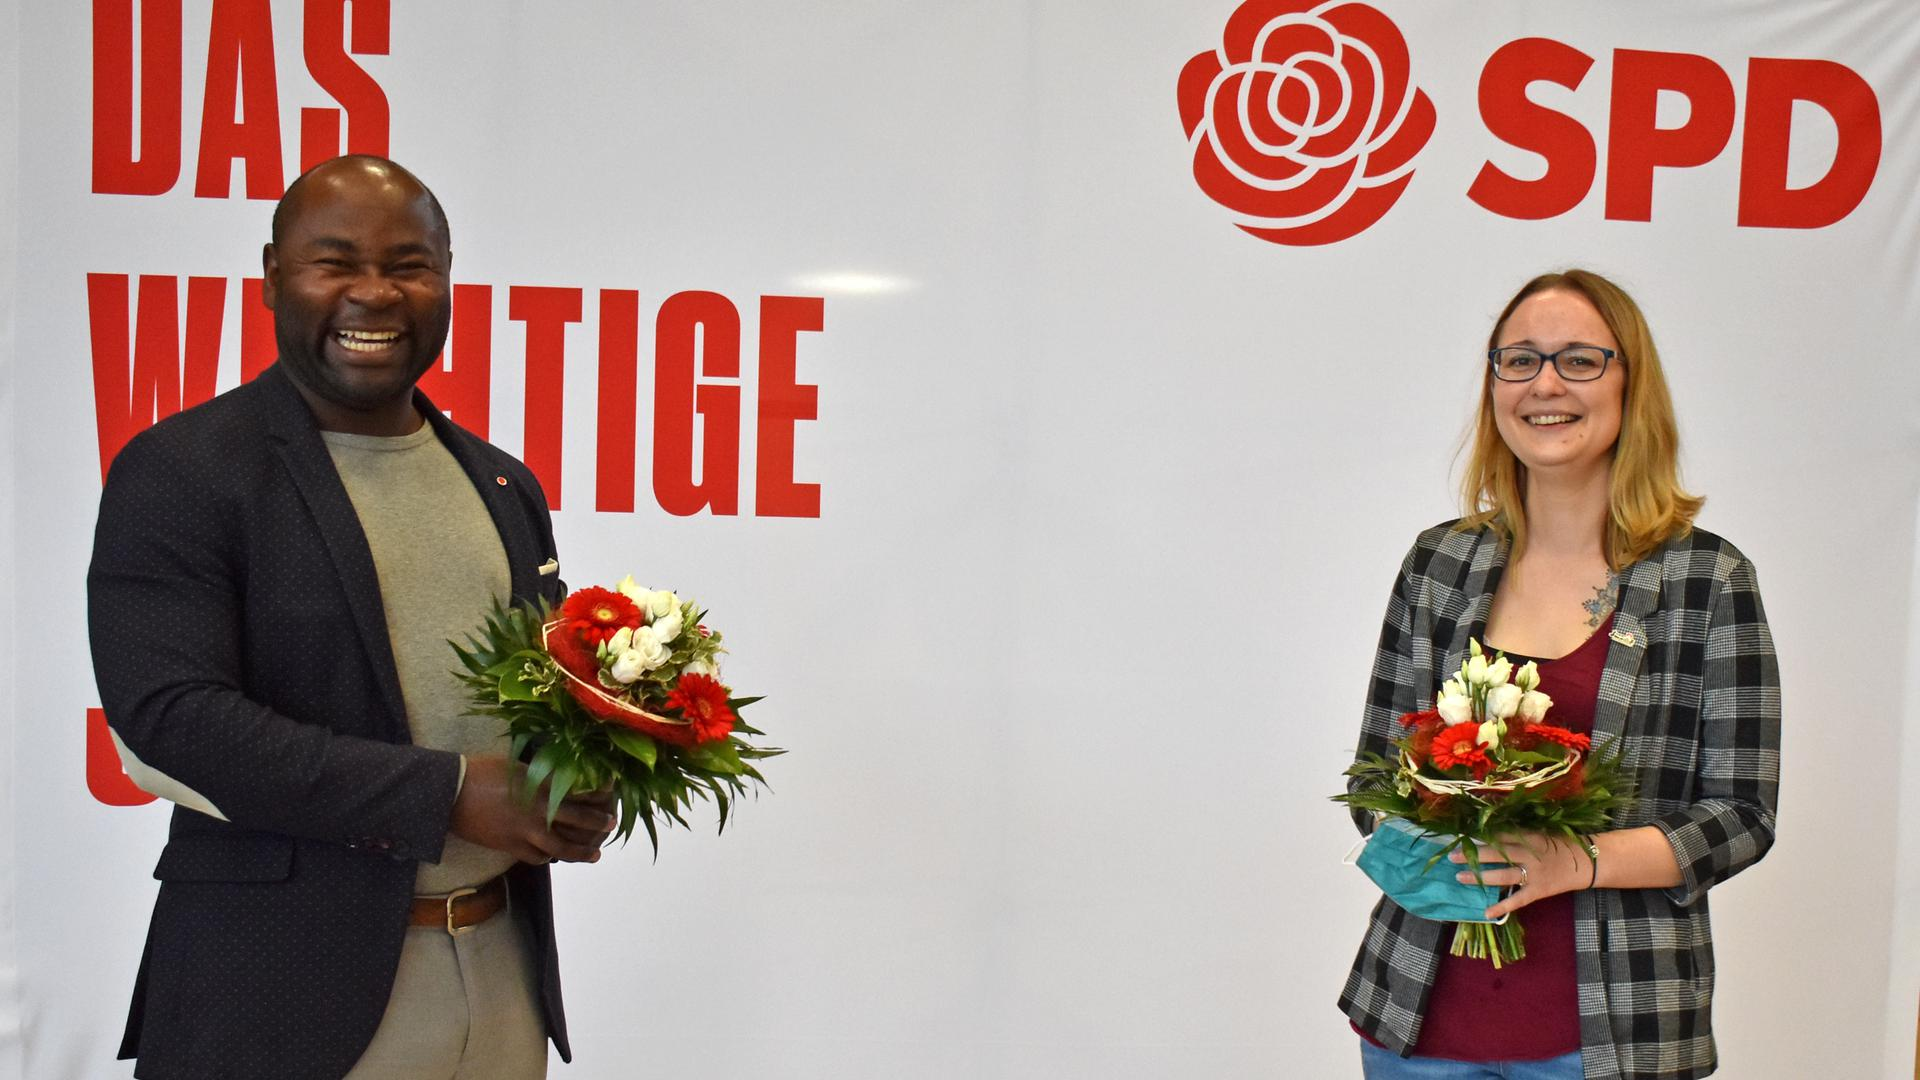 Ziehen in den Landtagswahlkampf: Die Delegierten wählten Emile Yadjo-Scheuerer als Erstkandidaten und Vanessa Blum als Zweitkandidatin für den Wahlkreis 33 Baden-Baden.